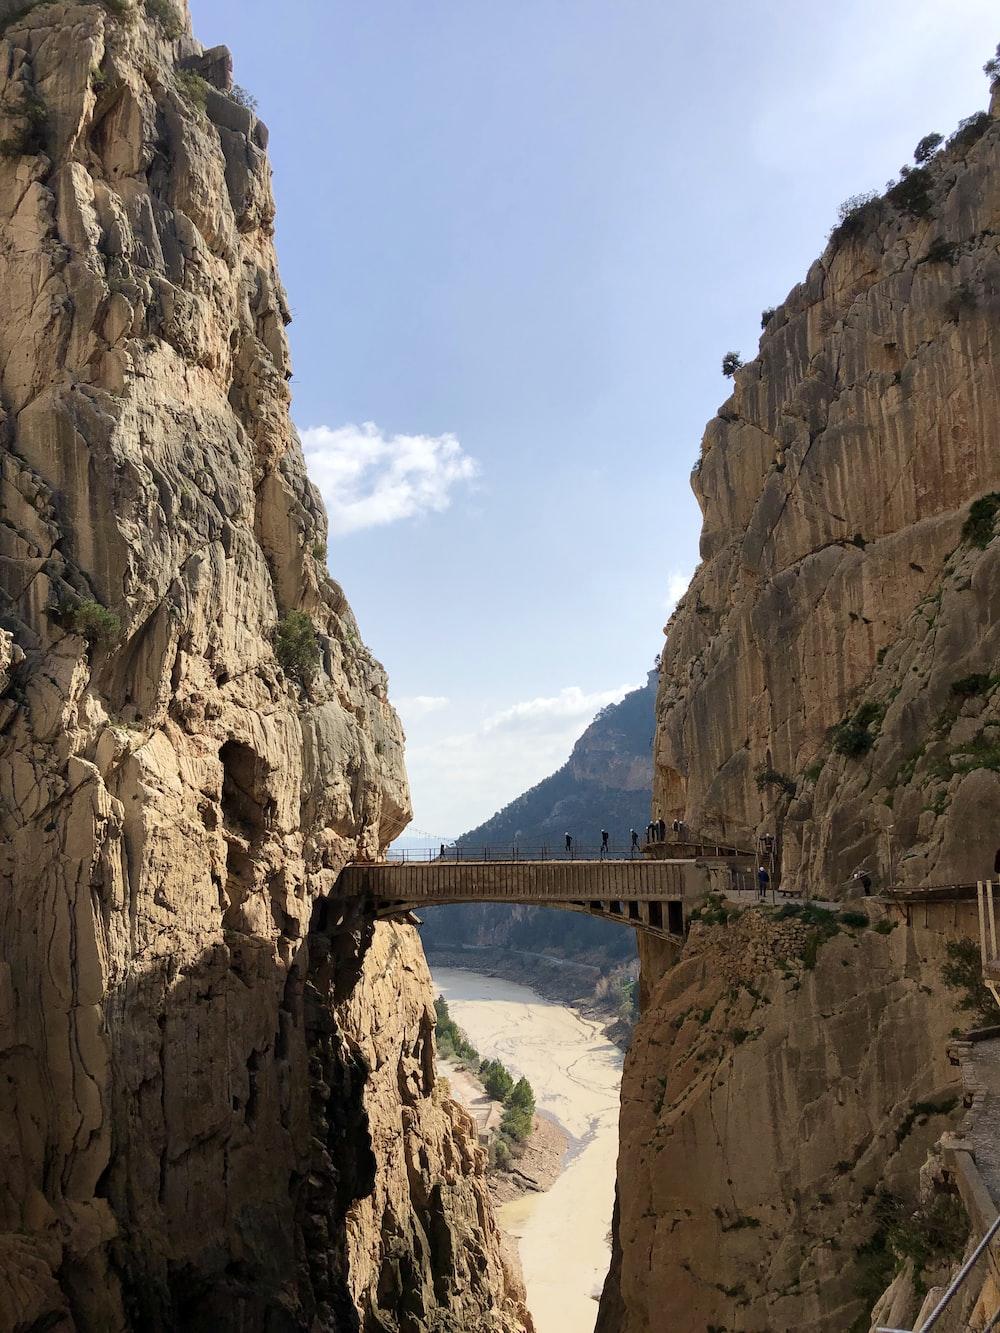 gray bridge between mountains during daytime